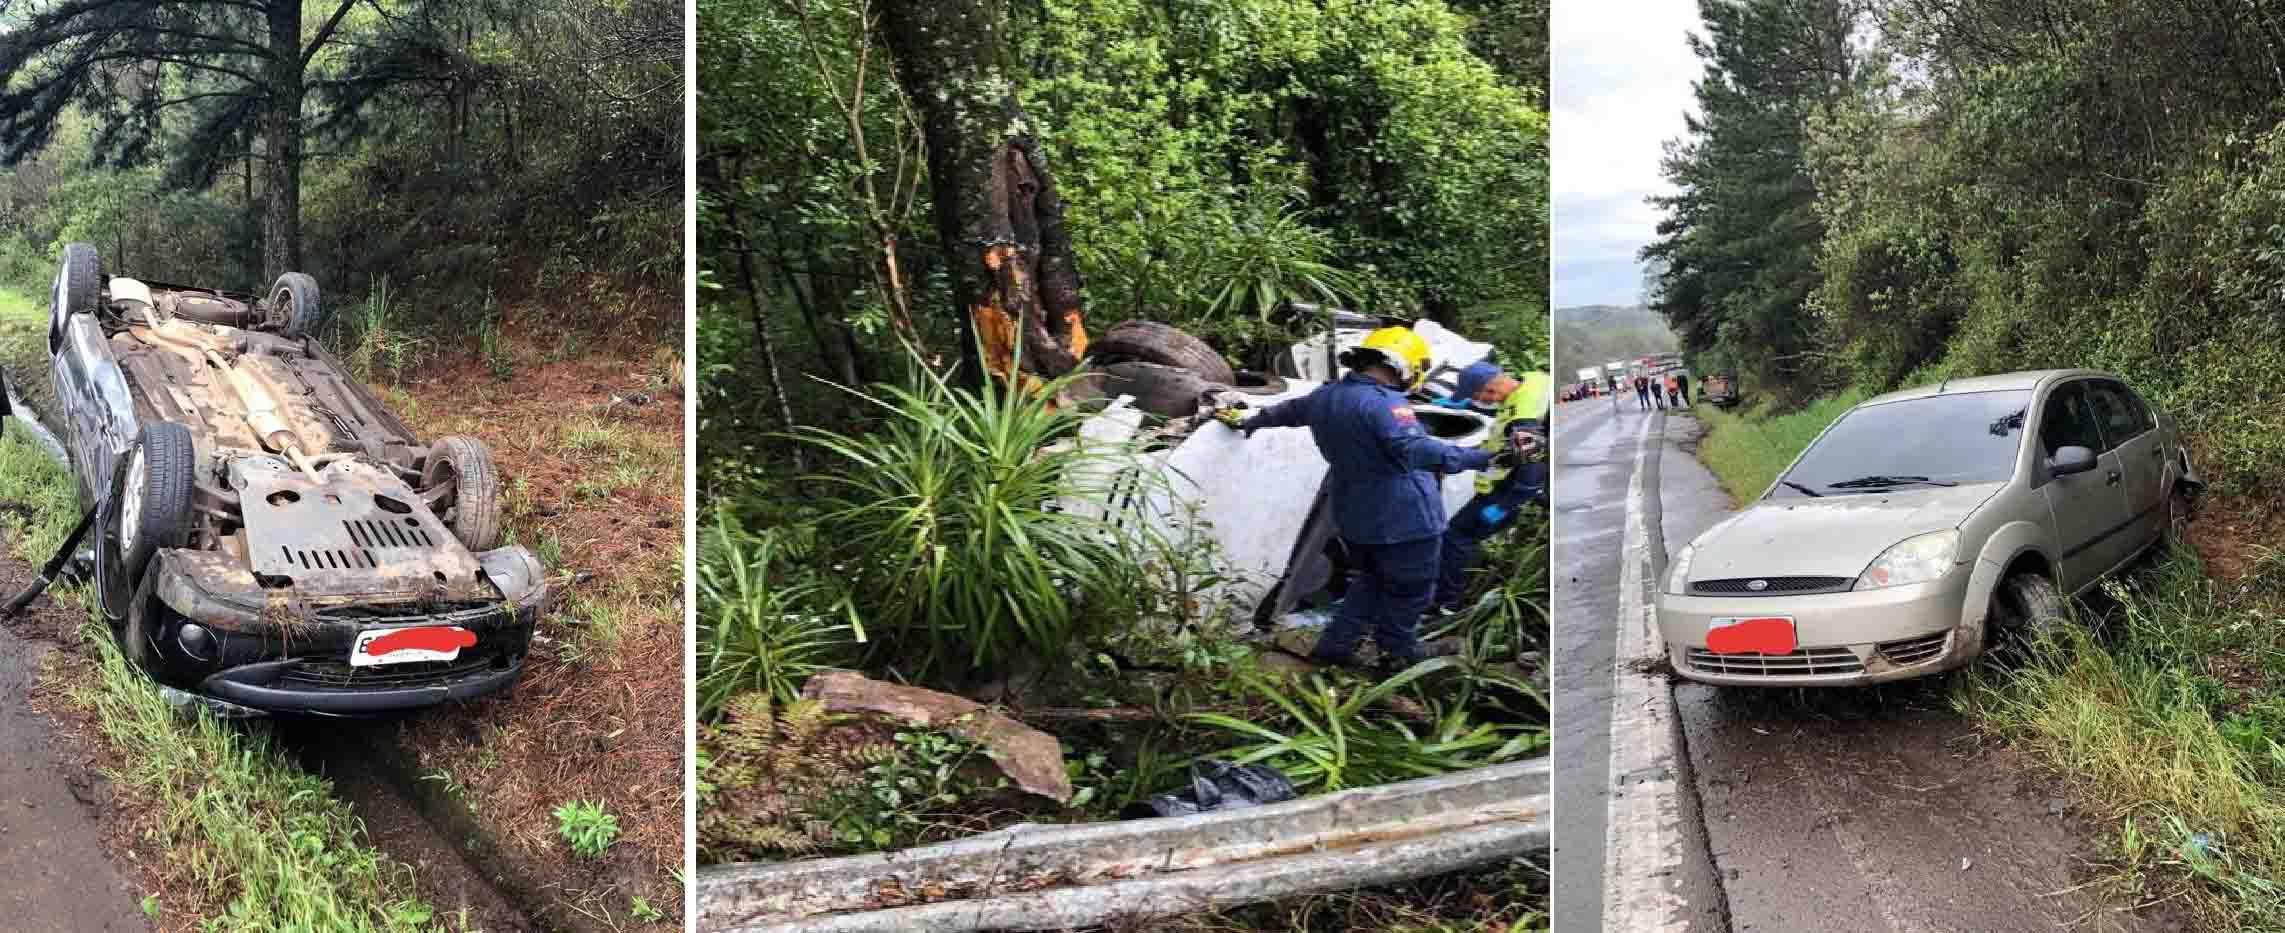 Óleo na pista causa três acidentes na manhã de domingo na BR-282 em Ponte Serrada